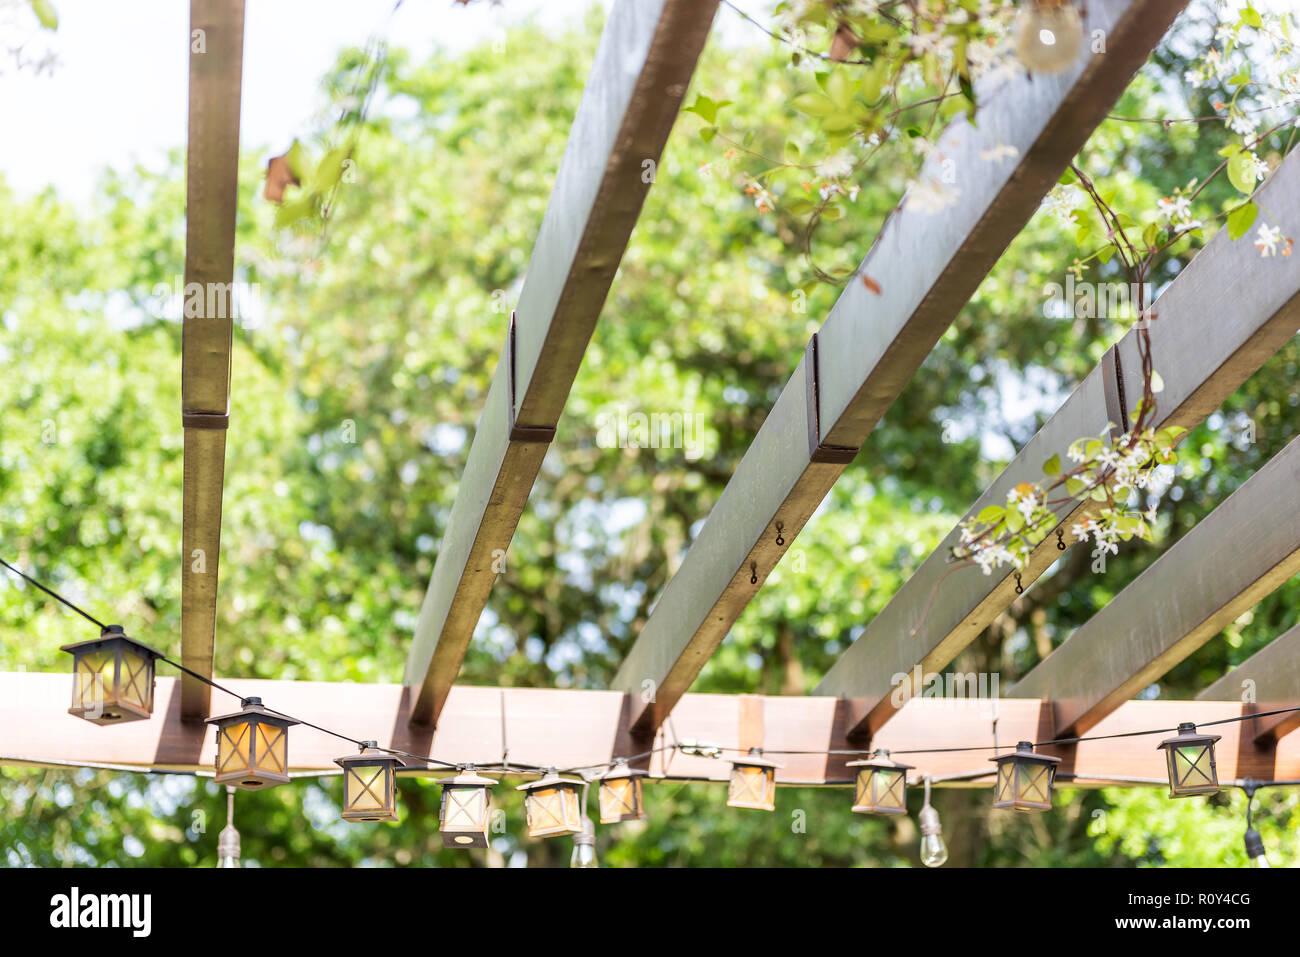 Luci Per Tettoia In Legno closeup cercando sul patio molla esterna bianco fiore